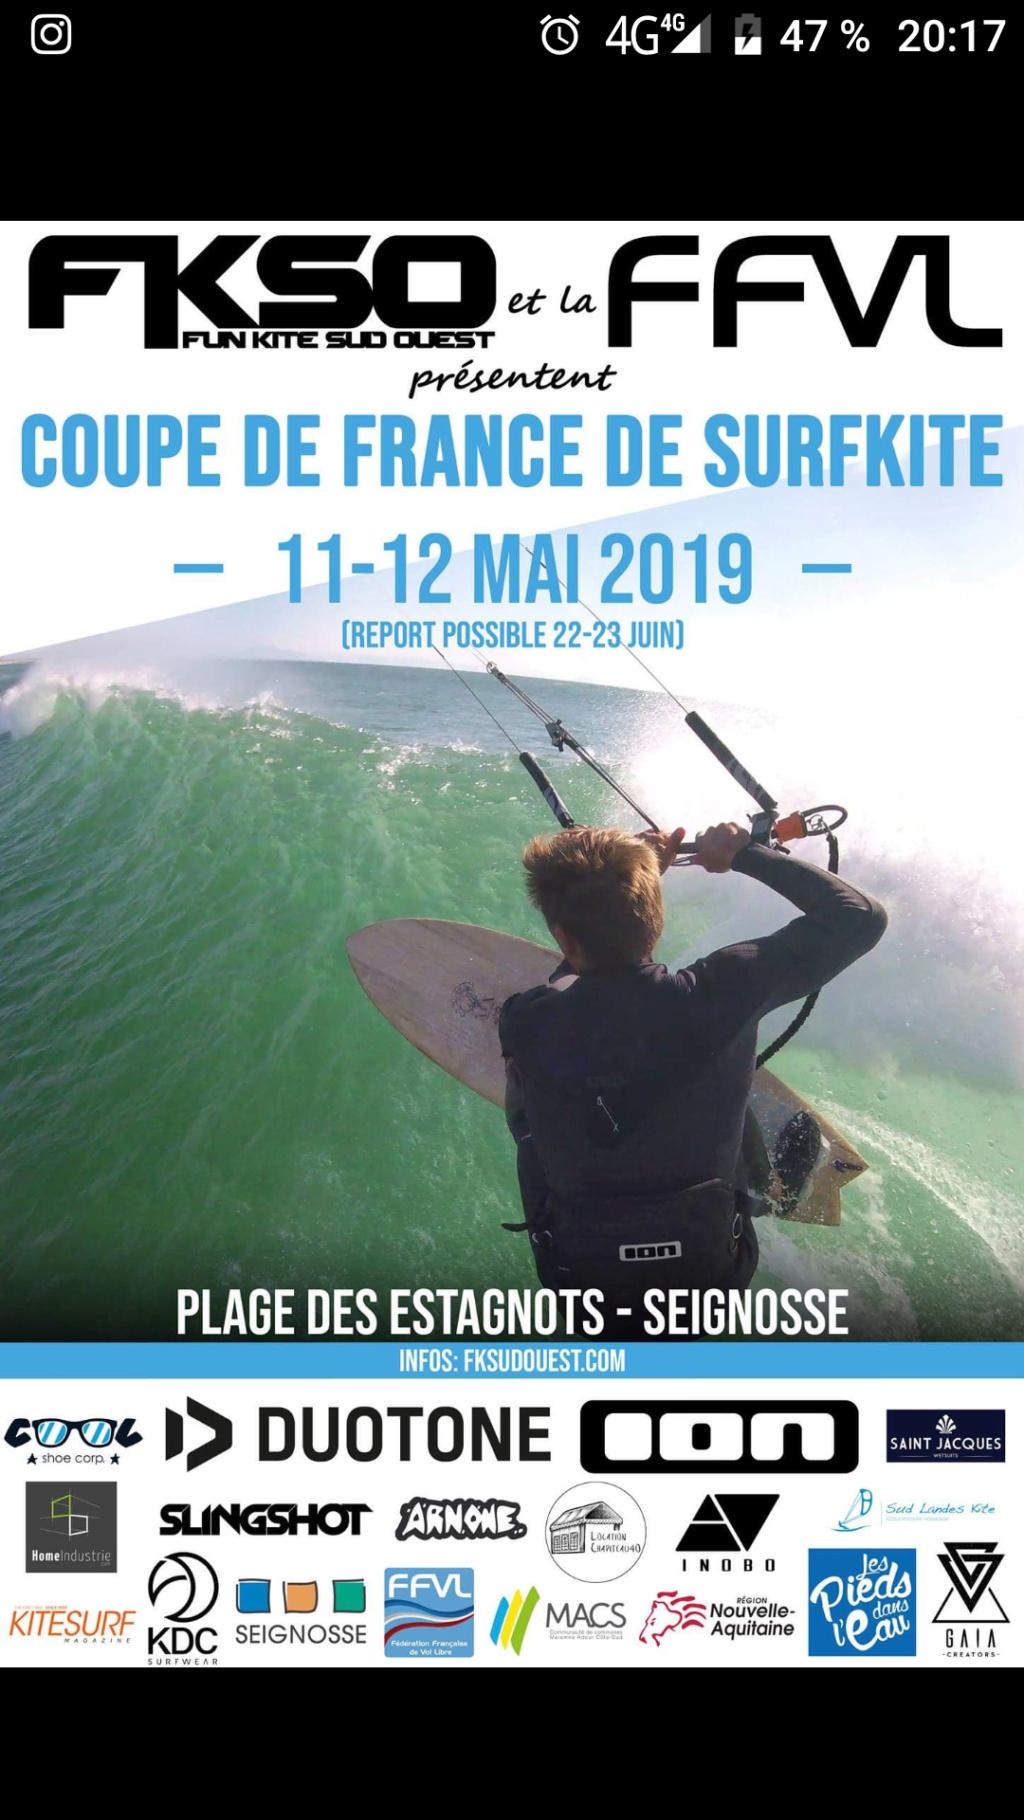 Coupe de France de surfkite dans les Landes Screen12